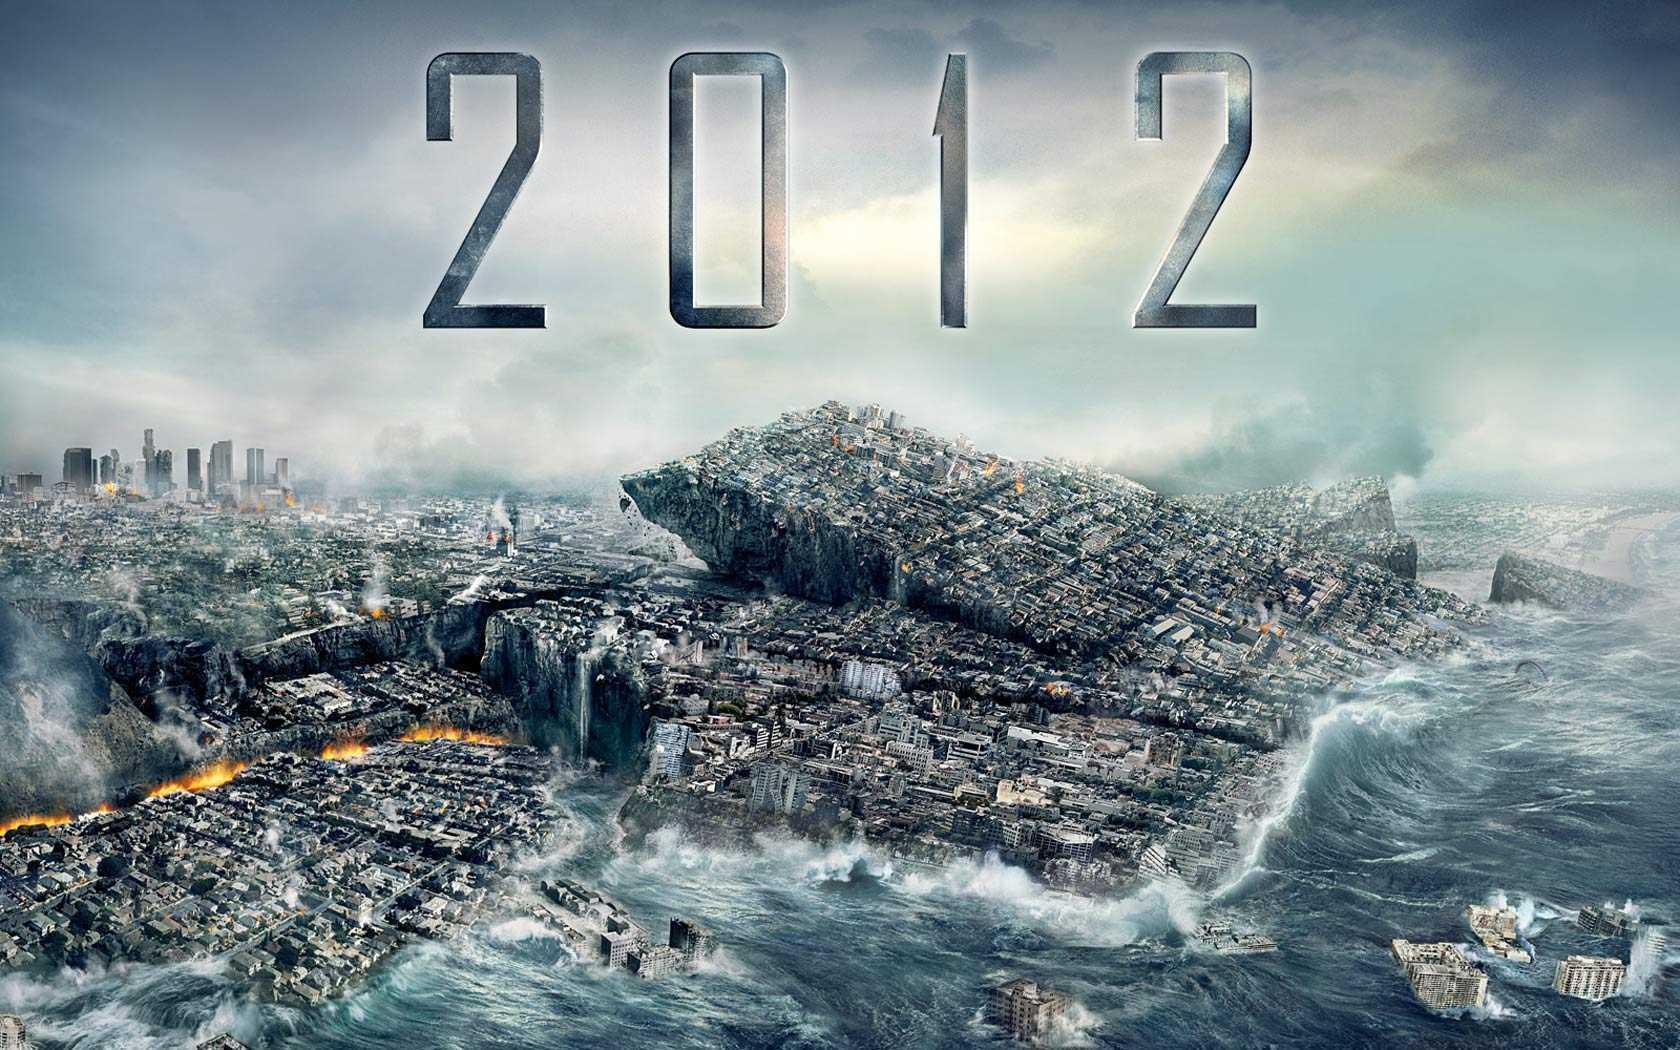 """SONDAJ GLOBAL DESPRE SFARSITUL LUMII SI """"PROFETIILE"""" MAYASE LEGATE DE 2012: SUA si Turcia cred in cea mai mare proportie ca ARMAGHEDONUL e iminent"""